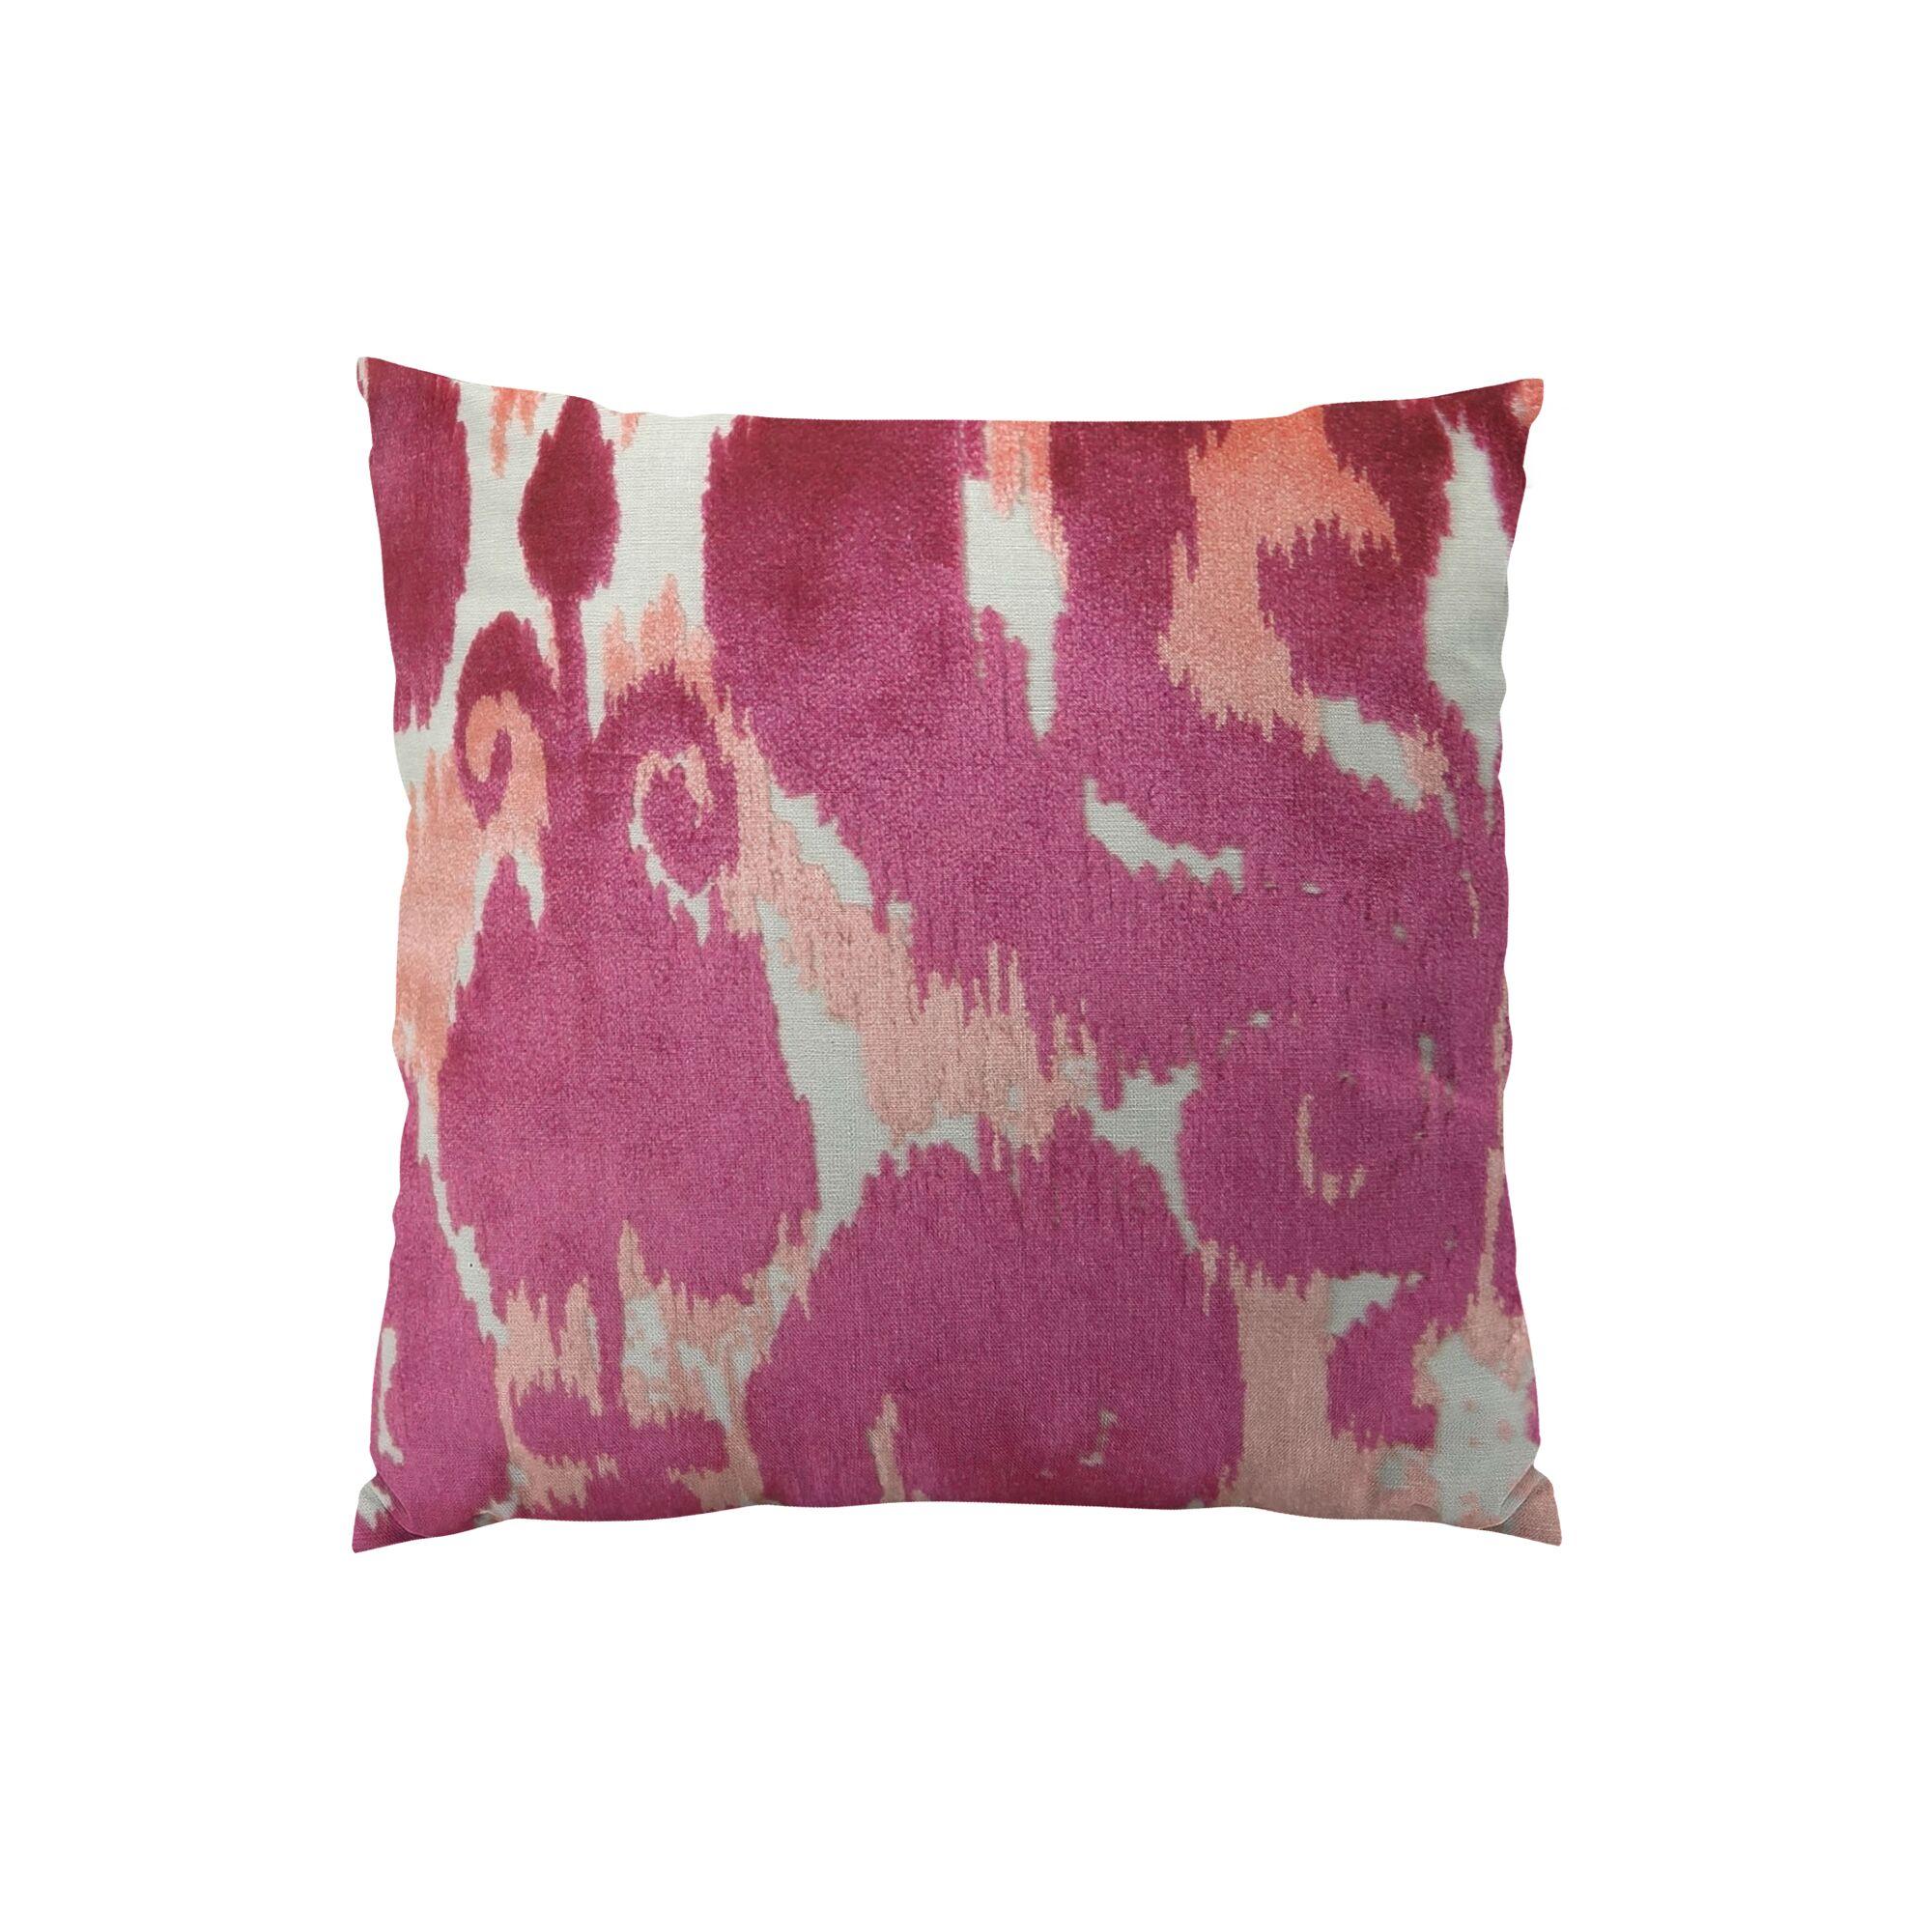 Velvet Bliss Coral Handmade Throw Pillow Size: 16